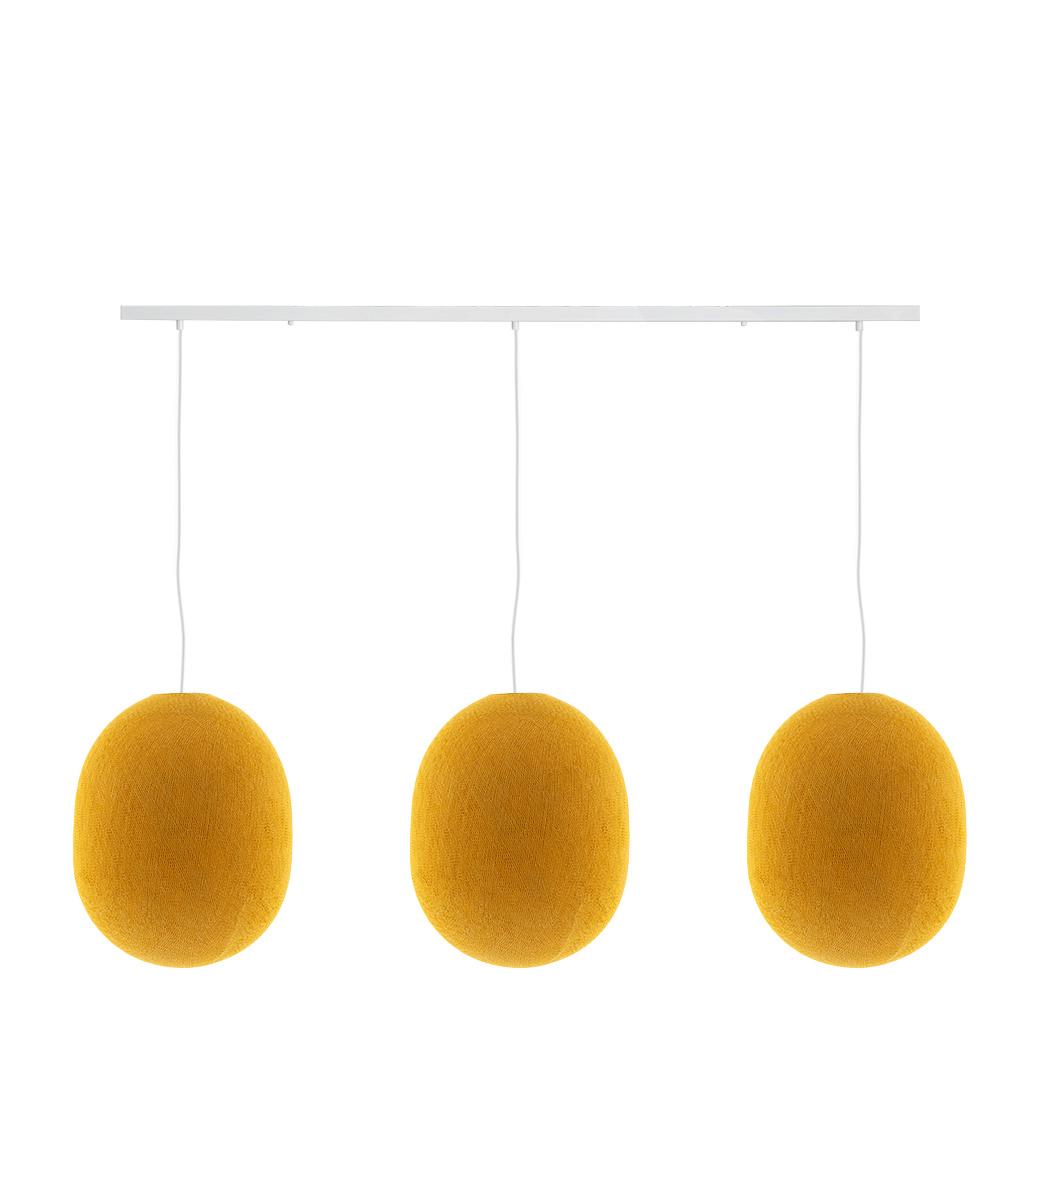 Cotton Ball Lights Drievoudige hanglamp balk - Oval Mustard